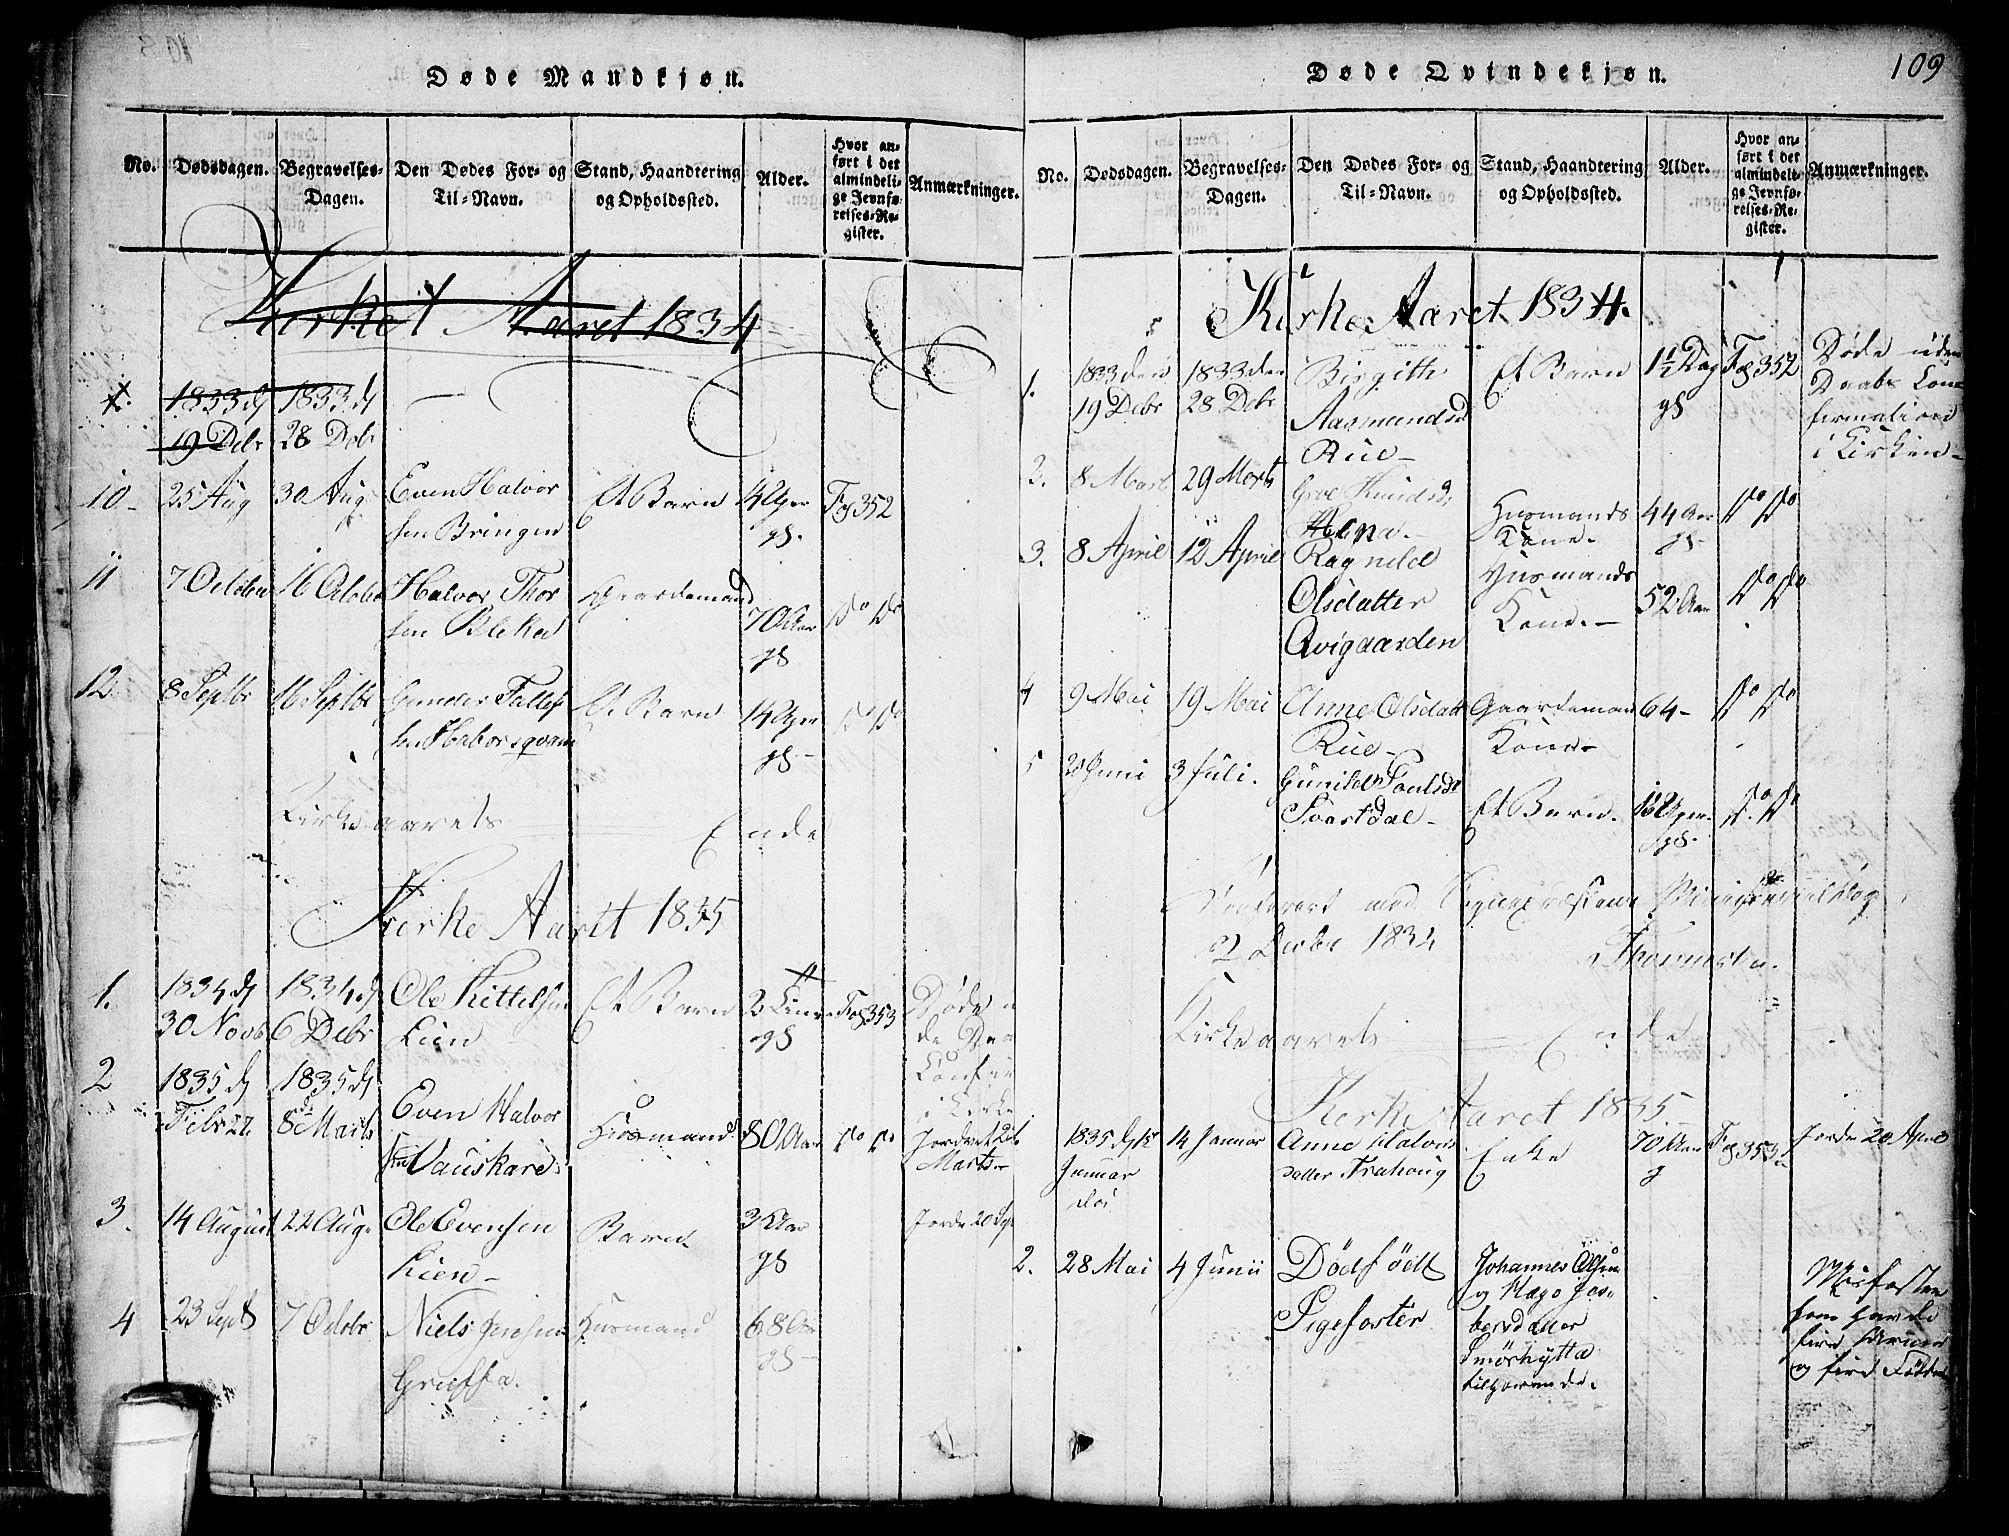 SAKO, Seljord kirkebøker, G/Gb/L0002: Klokkerbok nr. II 2, 1815-1854, s. 109